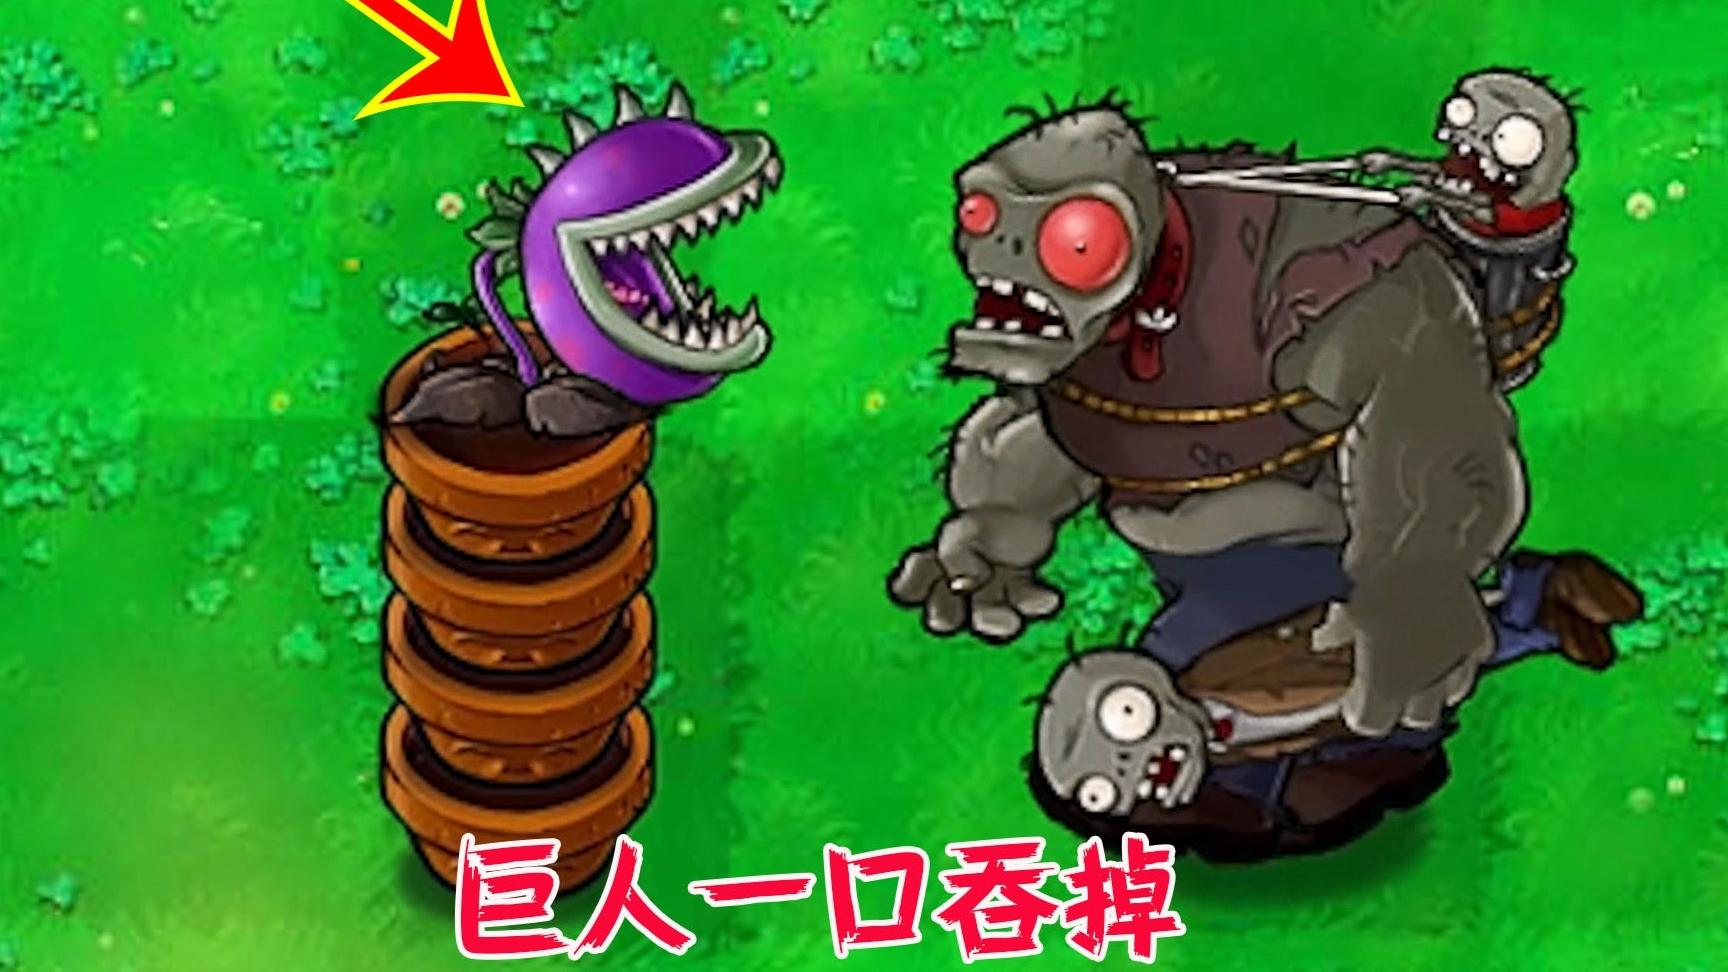 植物大战僵尸:秒杀巨人僵尸的植物,你知道几种?看完大开眼界